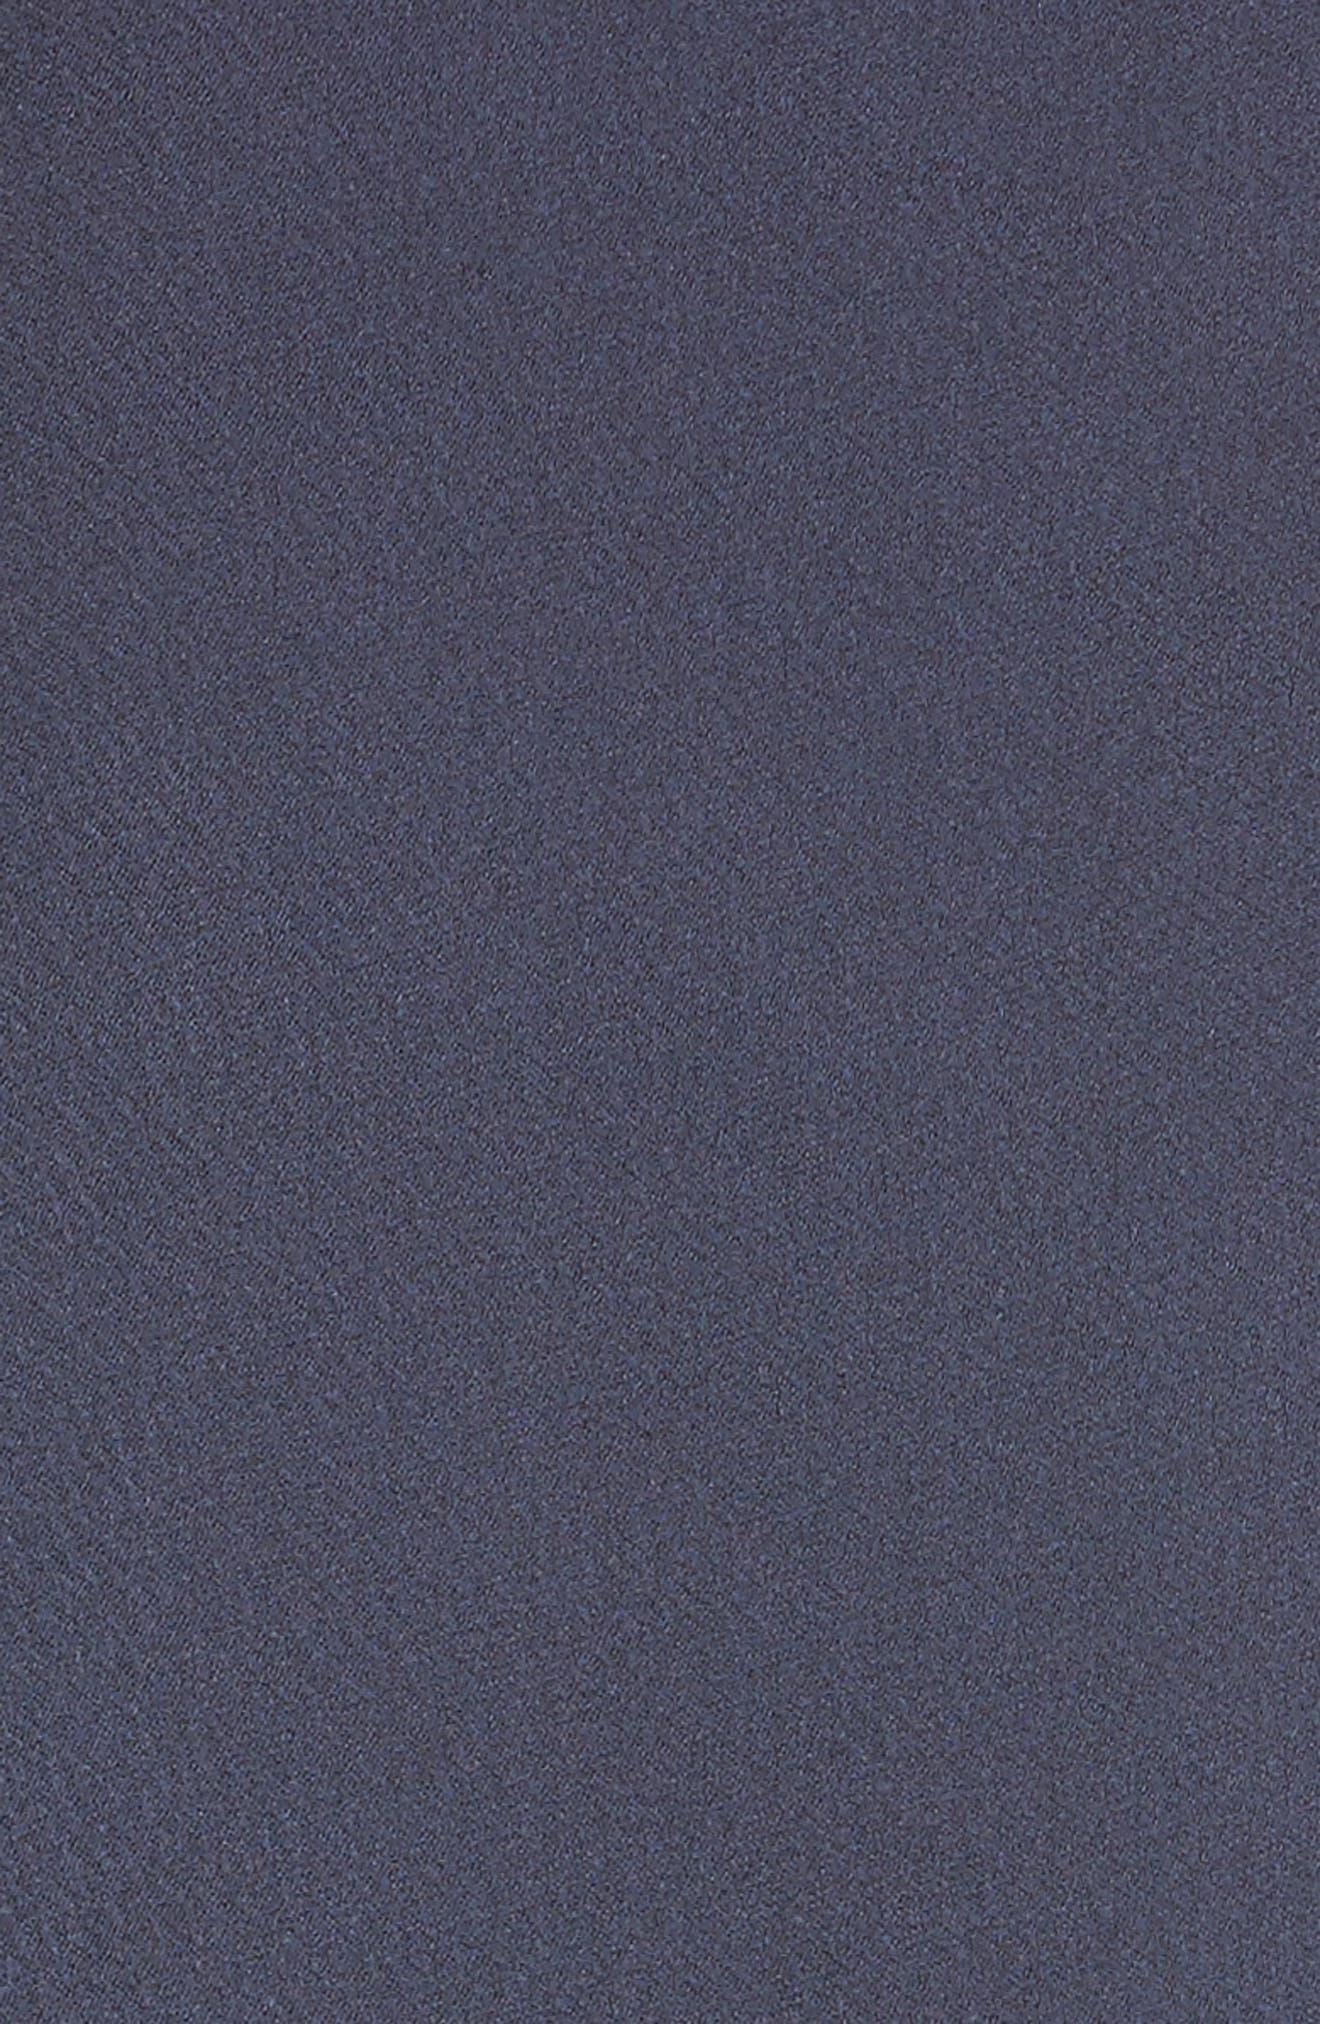 Celestia Slipdress,                             Alternate thumbnail 5, color,                             Navy